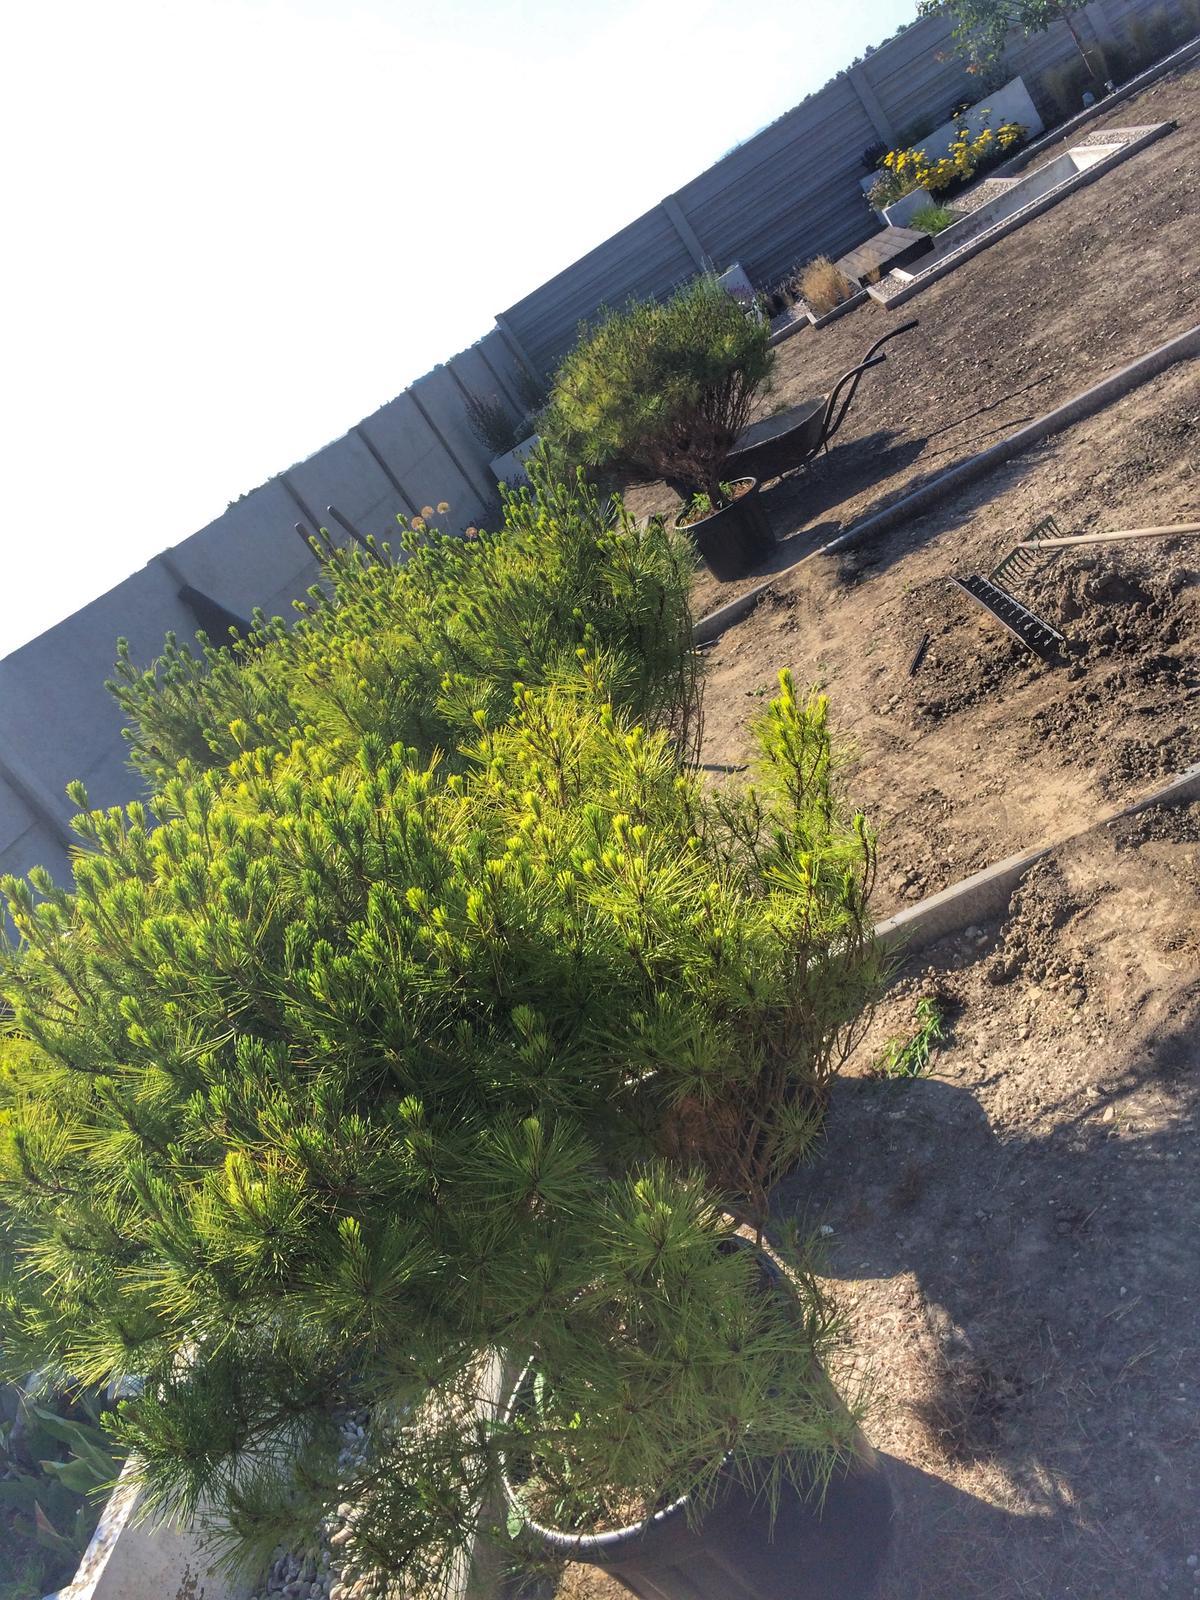 Modern Garden Linear324 - naša prímorská - Konecne sme nasli kultivar kt. bude pripominat opat viac primorsku chut :) ... Pinus densiflora Alice Verkade - ak by niekto hladal tie prave chorvatske :)... uz cakam iba na cikady :) , pojdu do 4 kochlikov okolo sachty na filtraciu